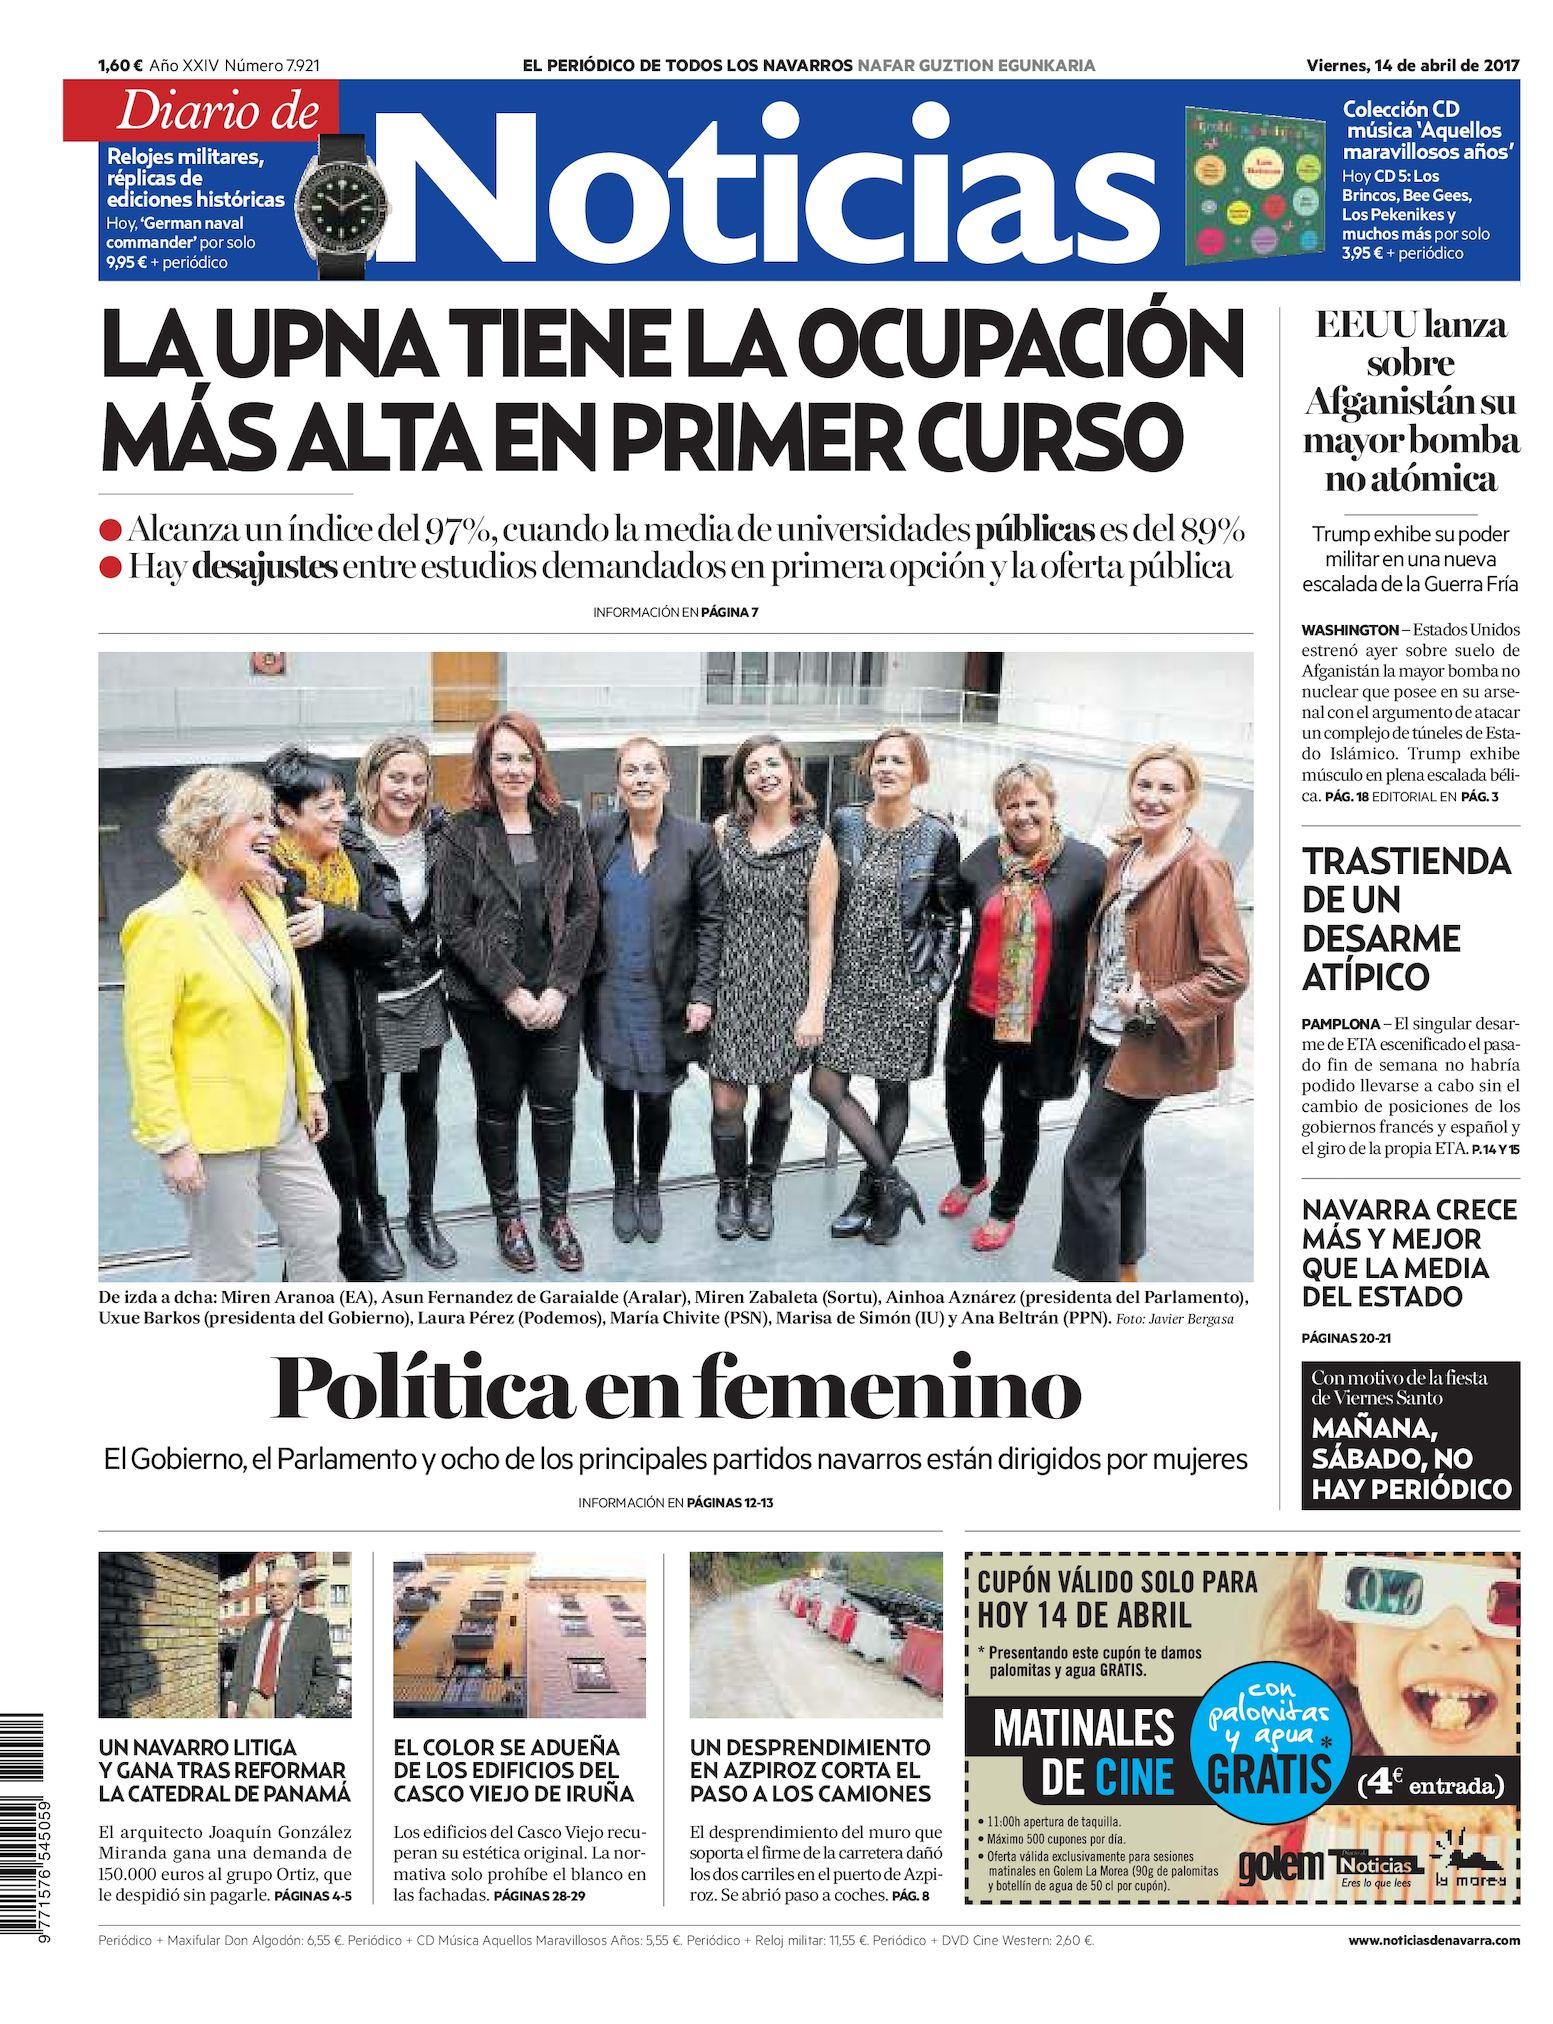 7cc01f0802 Calaméo - Diario de Noticias 20170414